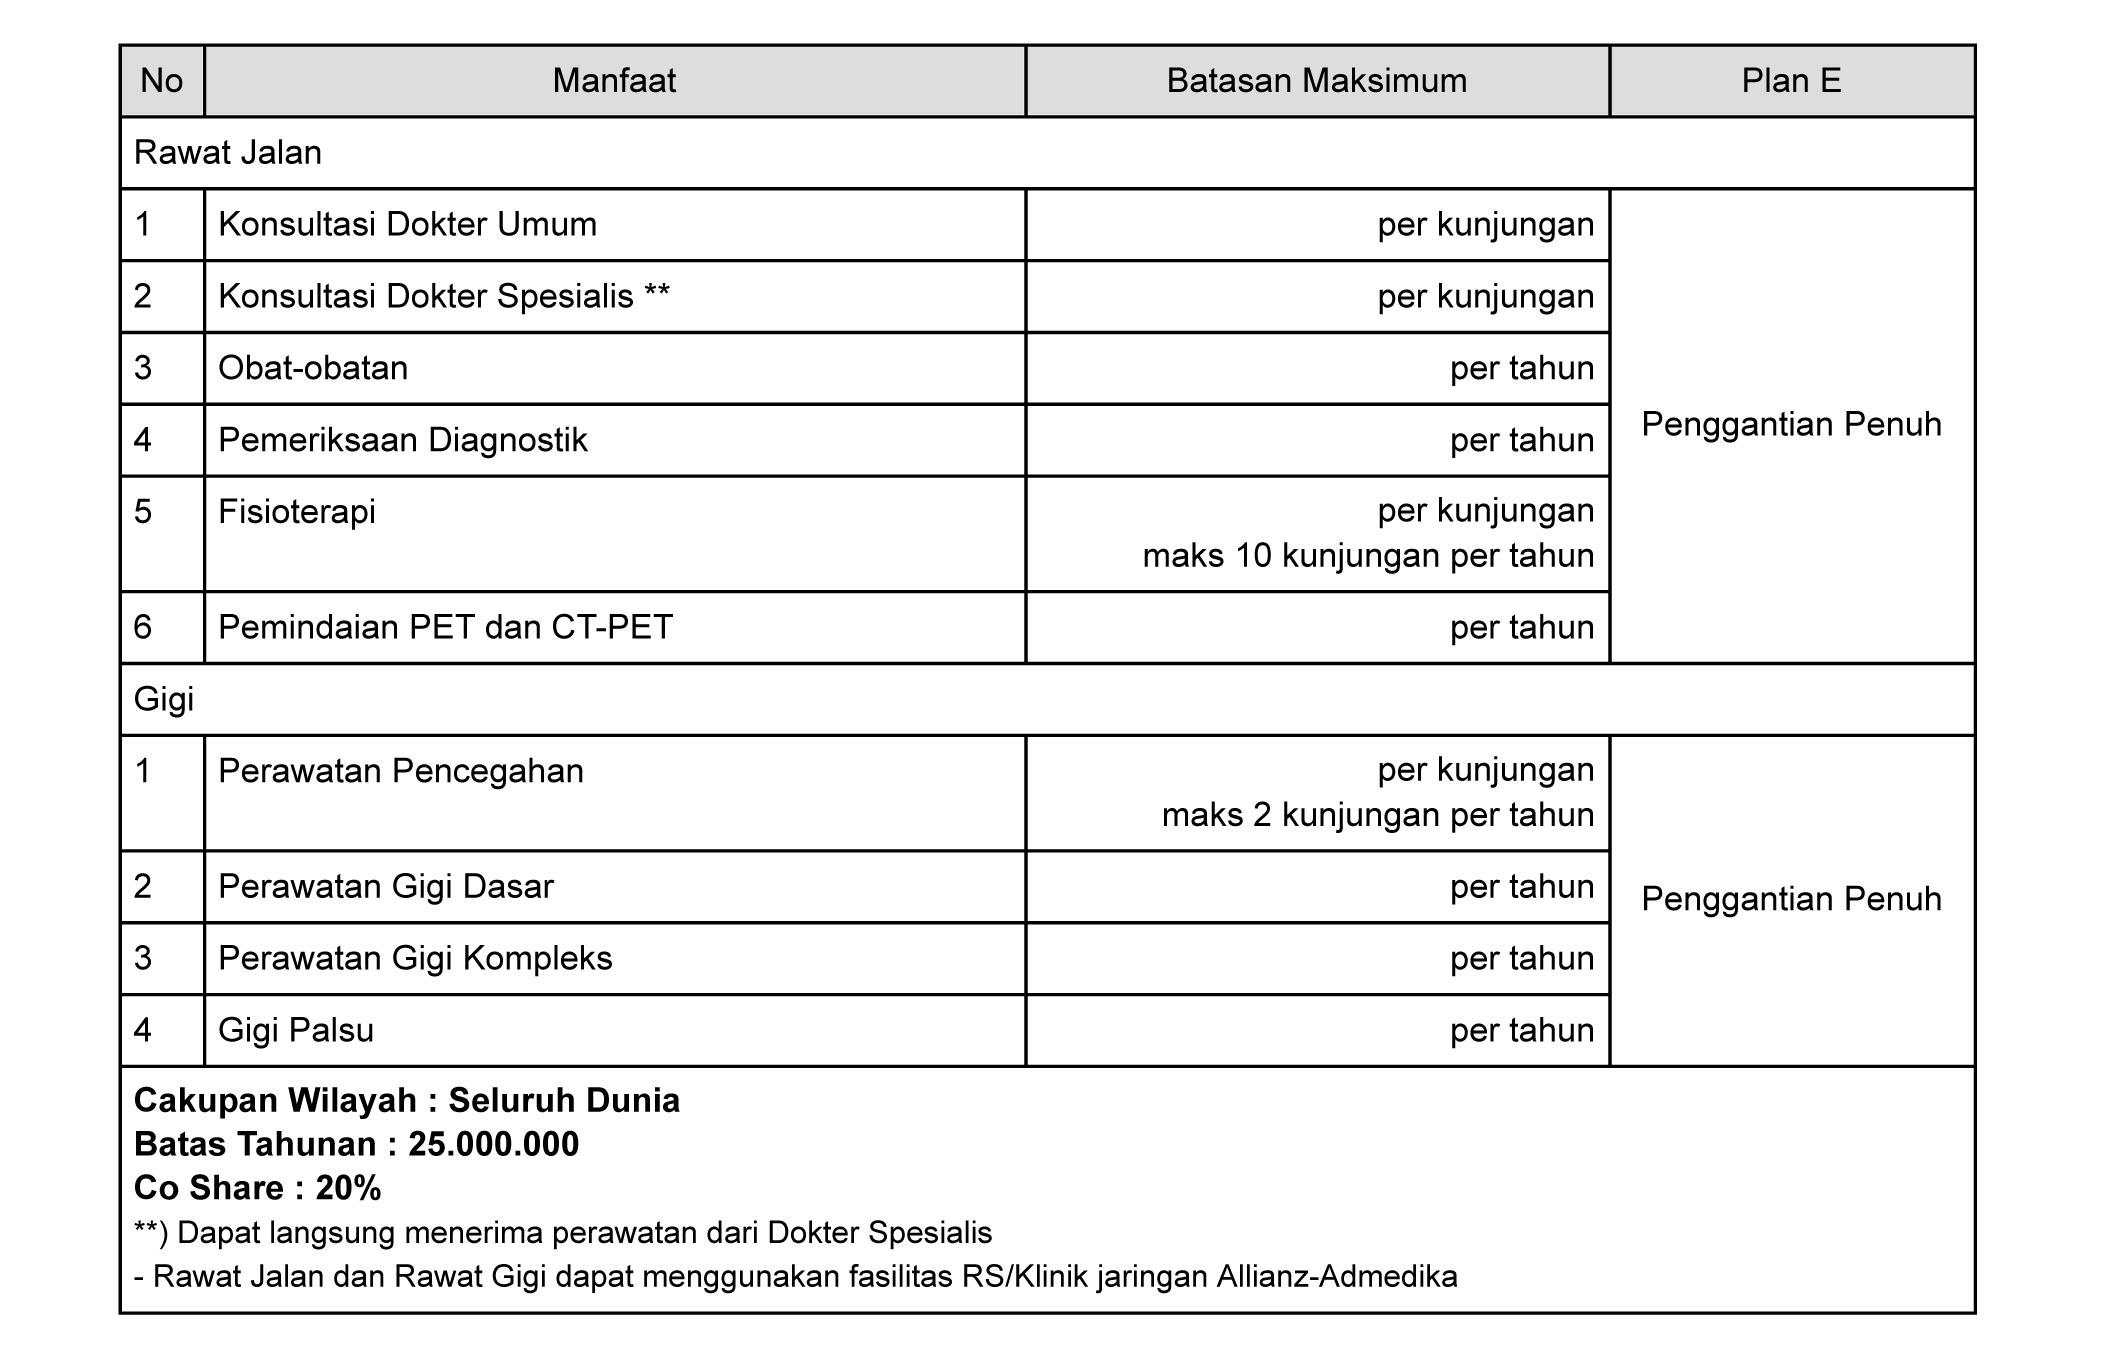 tabel manfaat asuransi rawat gigi smartmed premier plan E